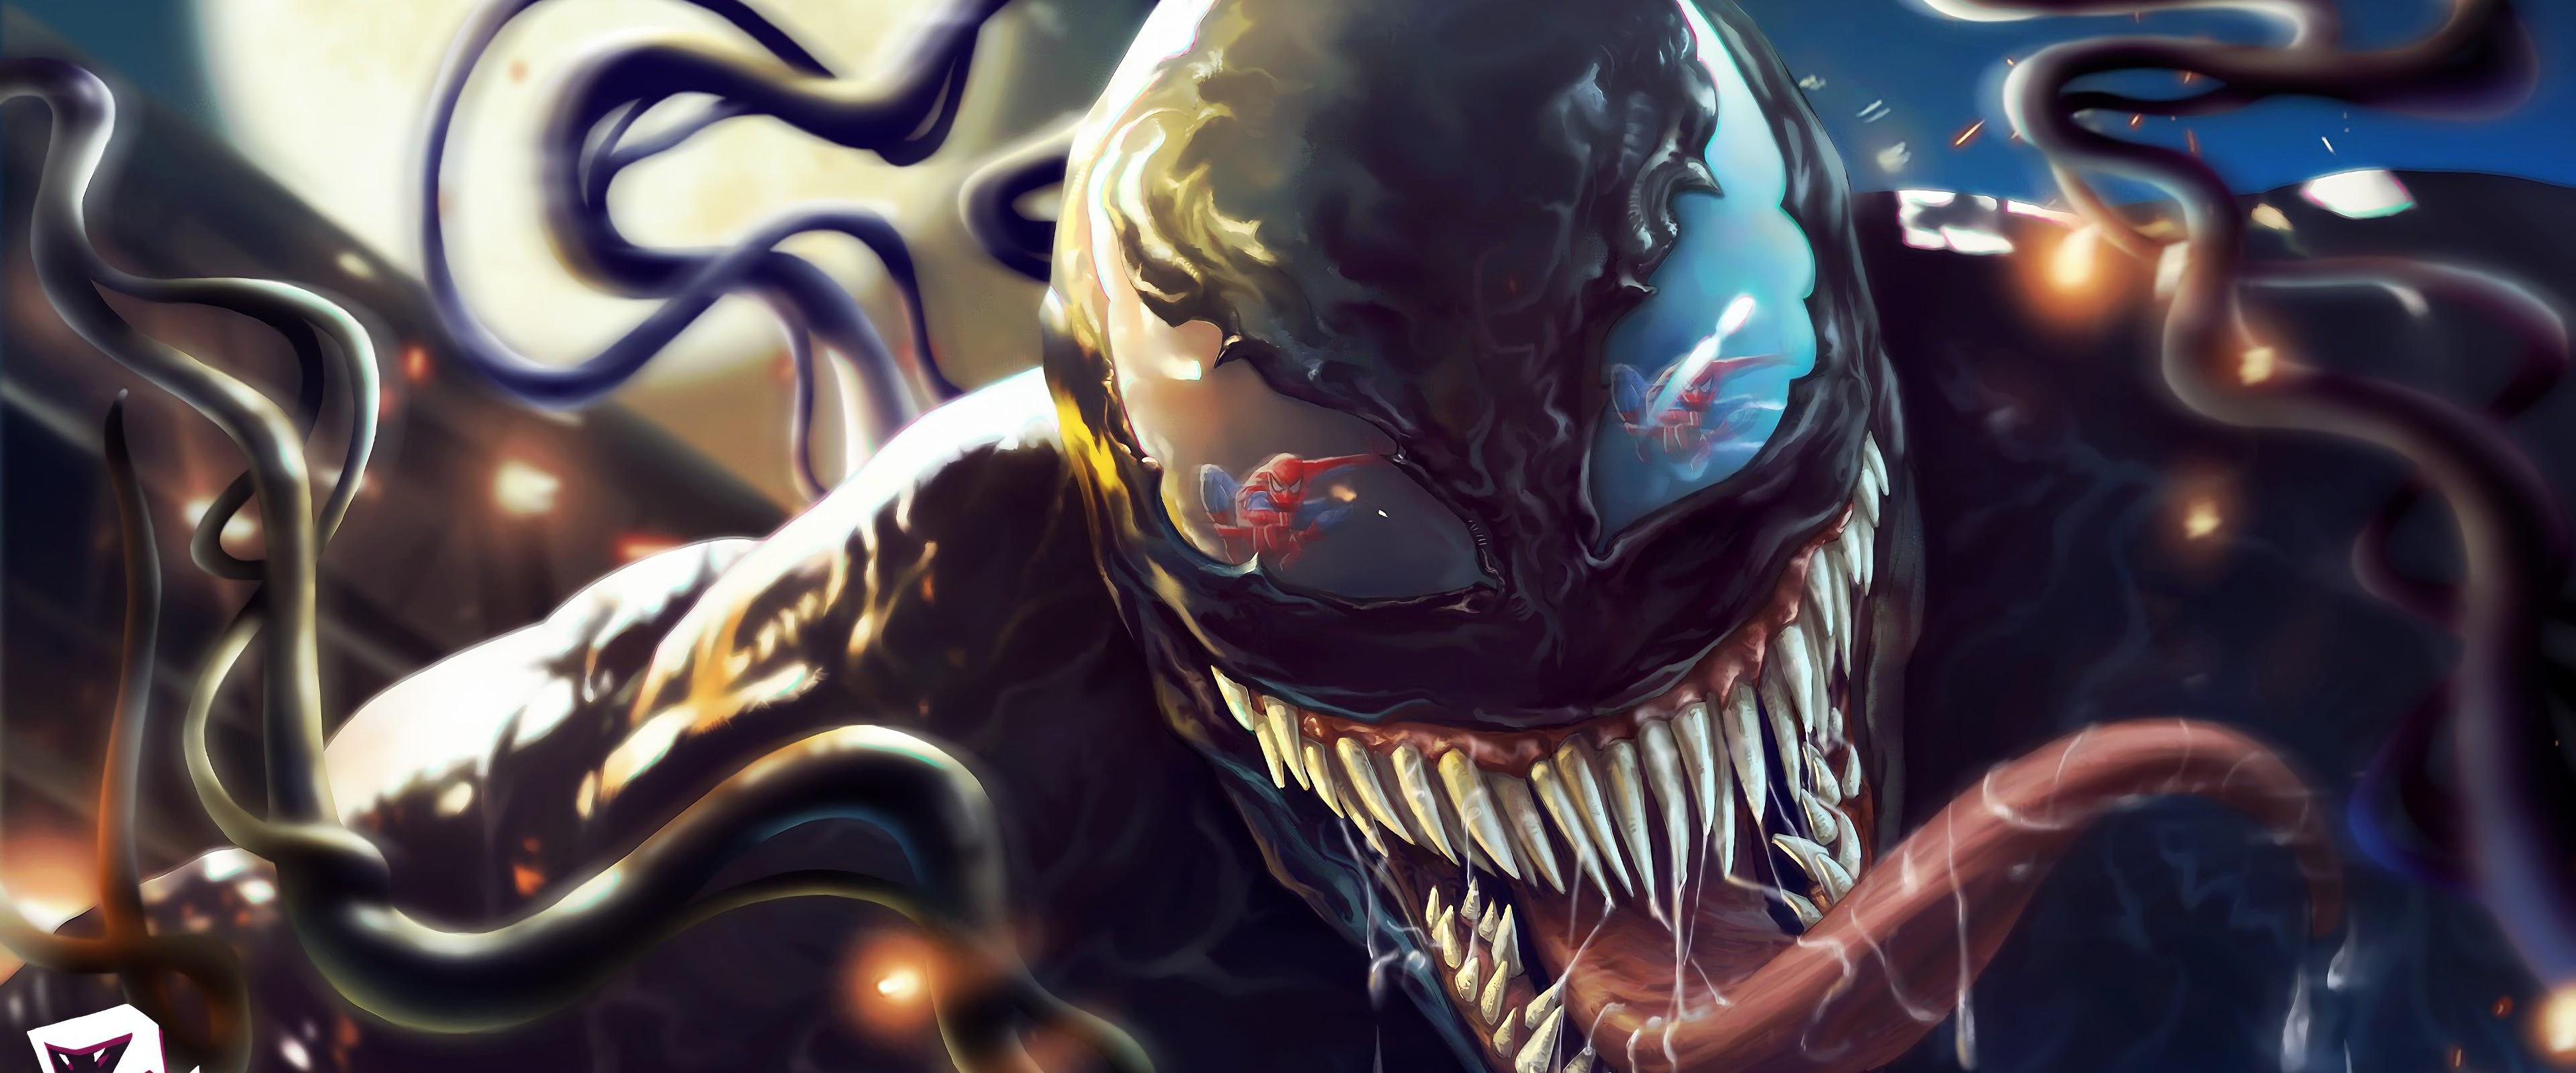 Venom 4k Wallpaper 215